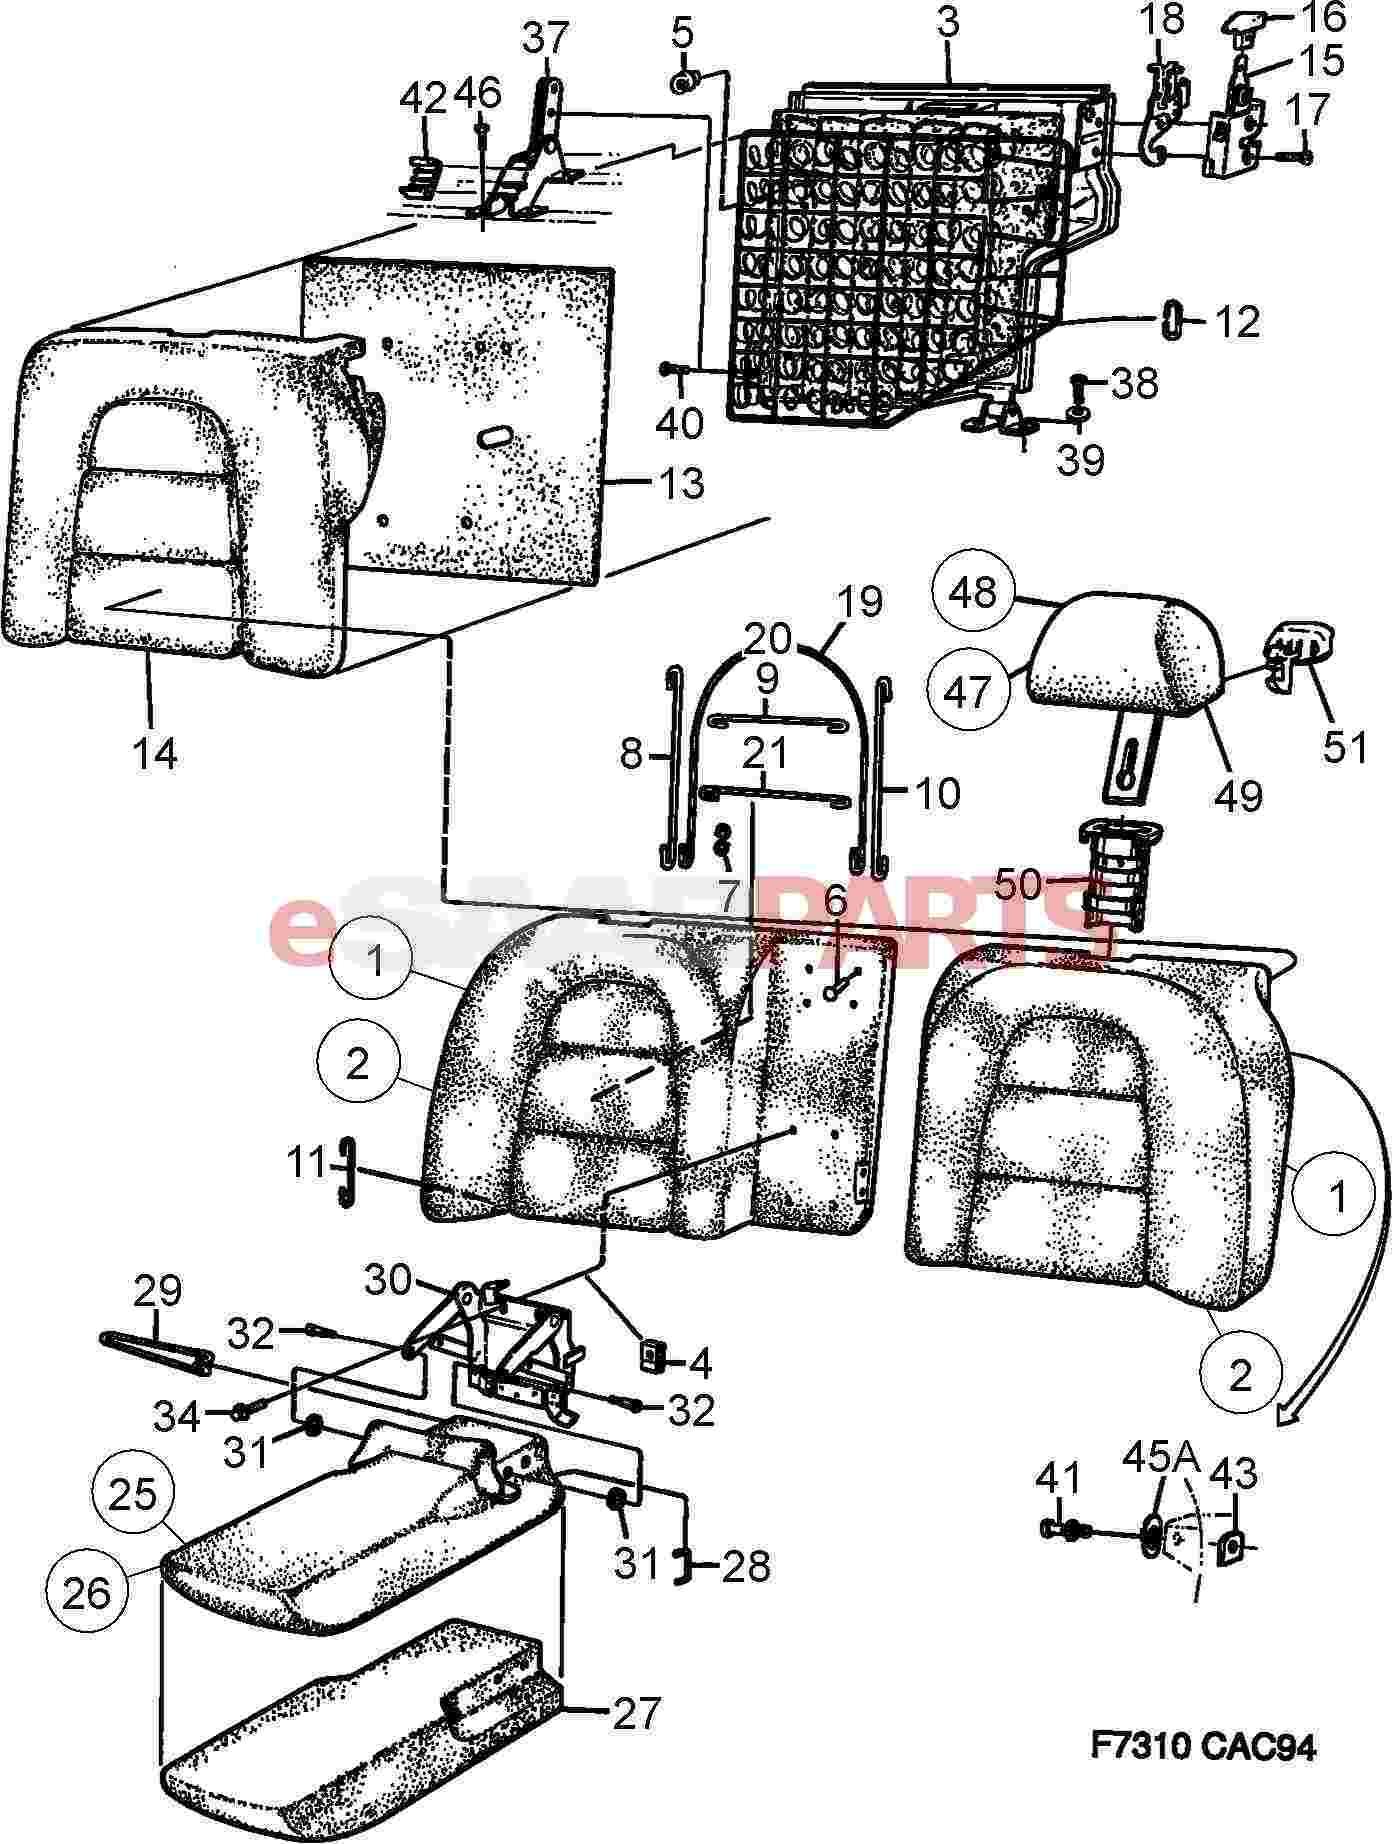 Cars Saab Engine Diagram